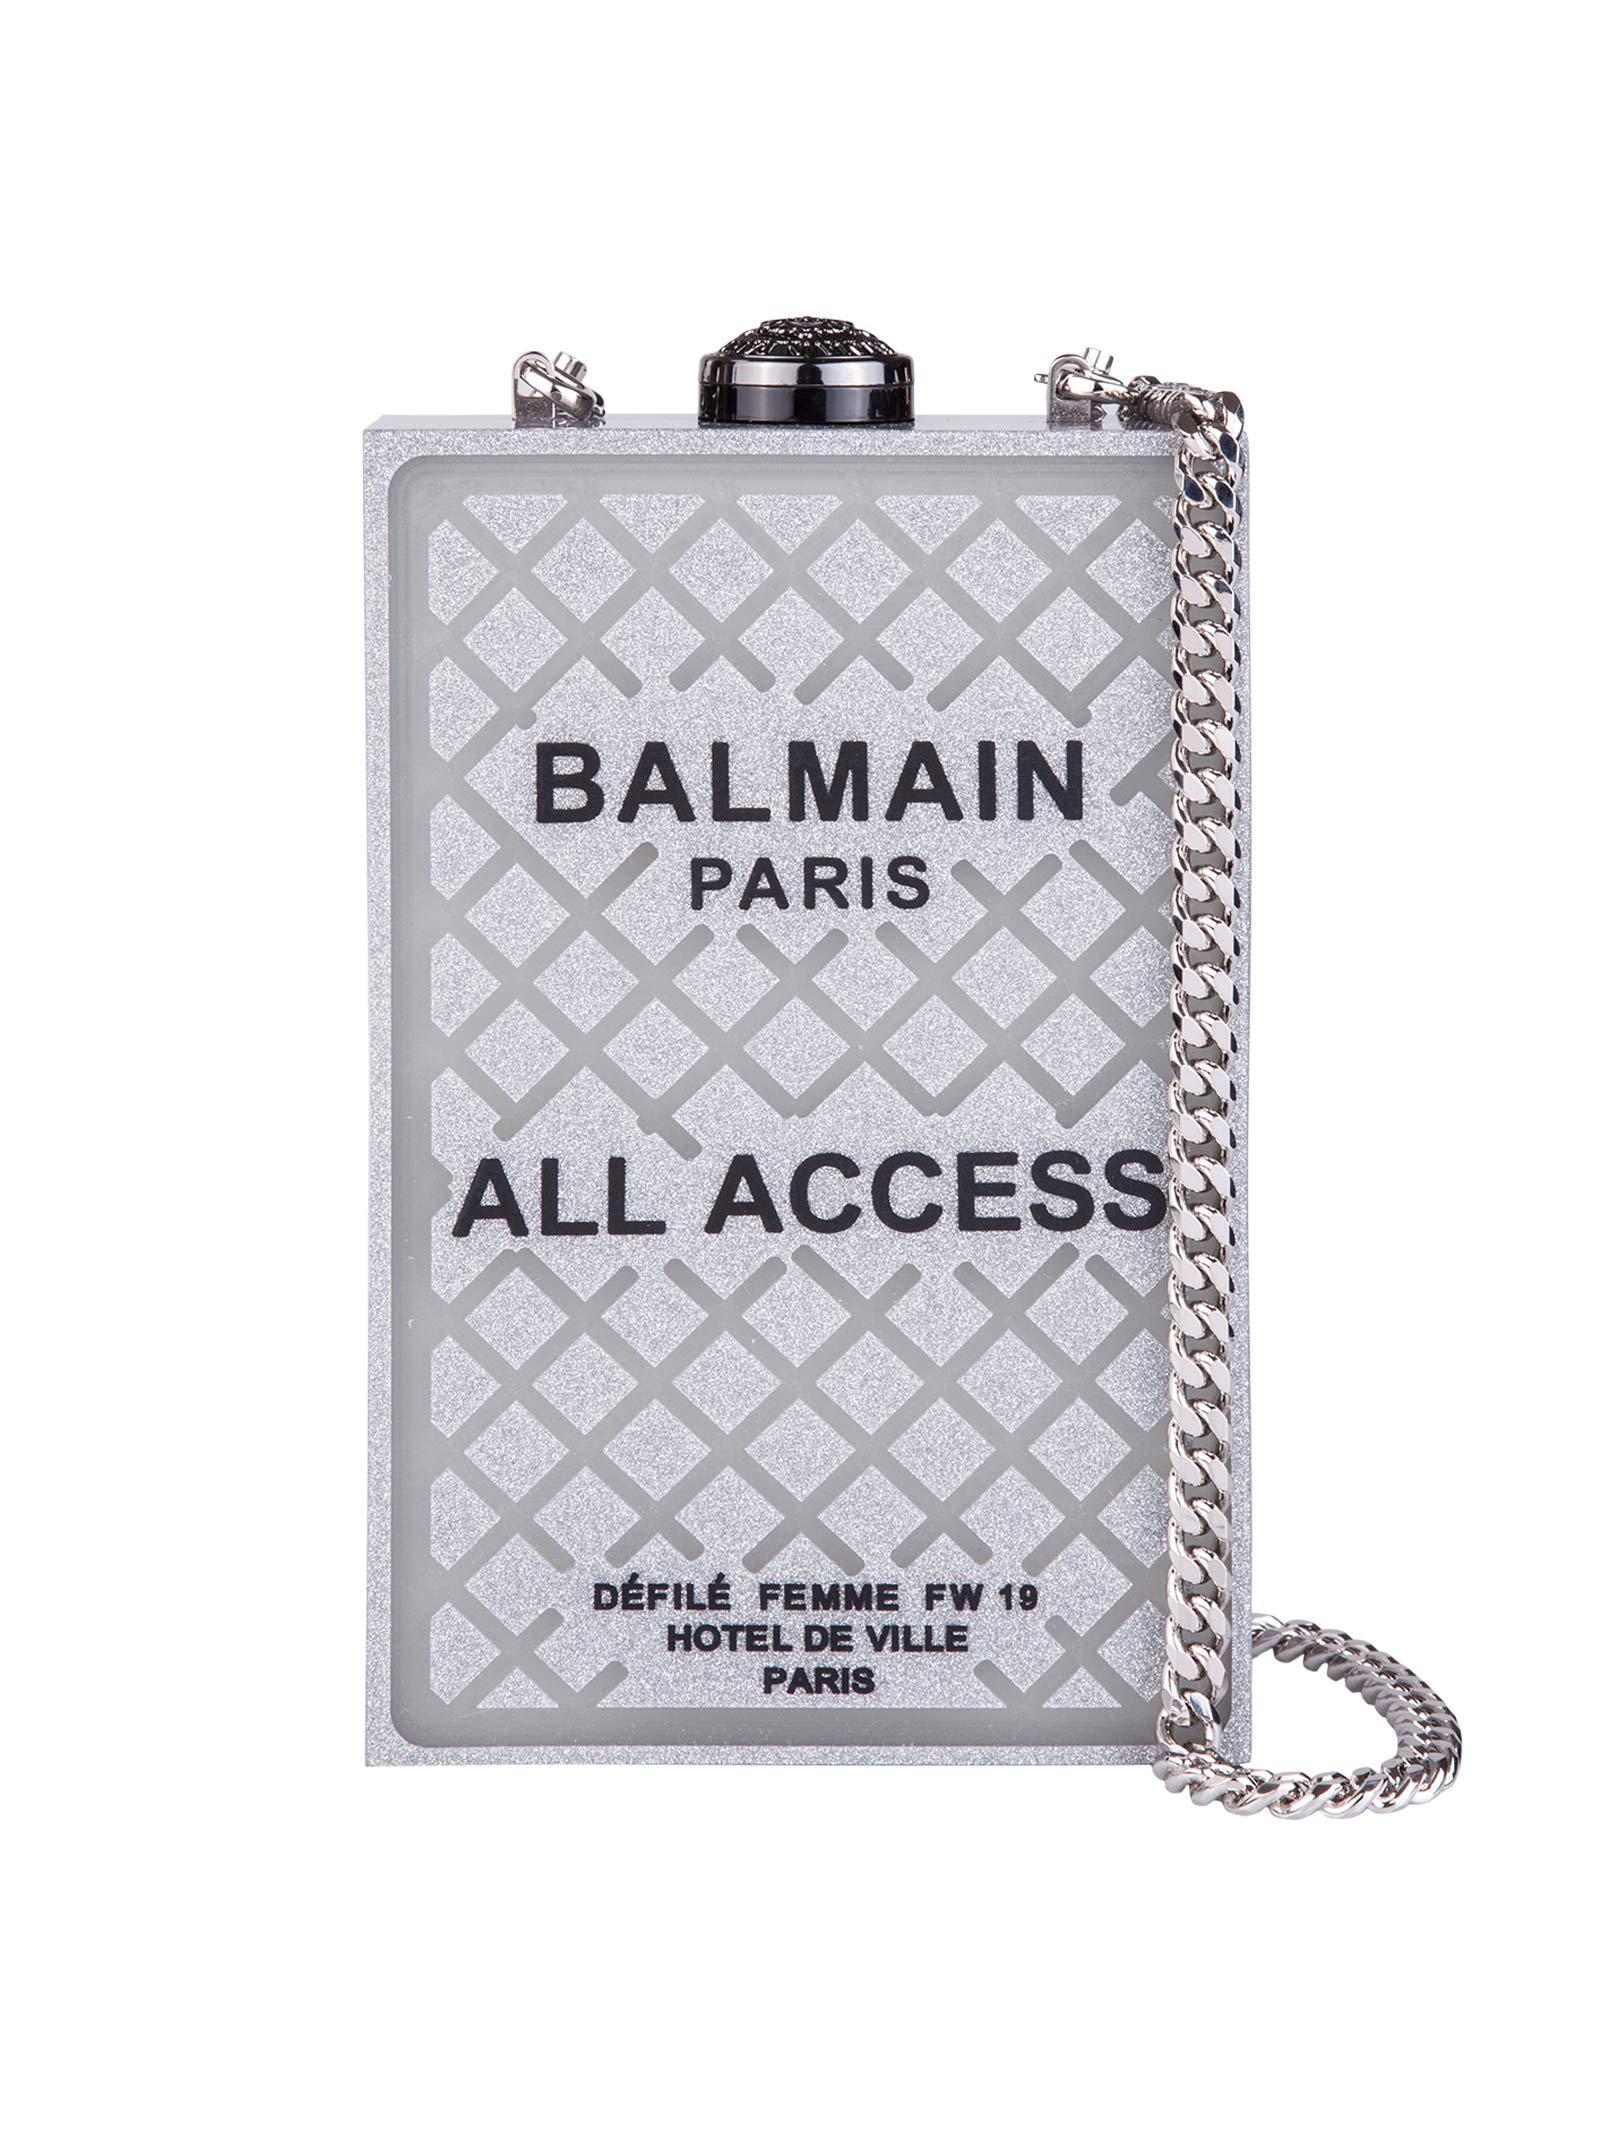 Balmain Paris shoulder bag